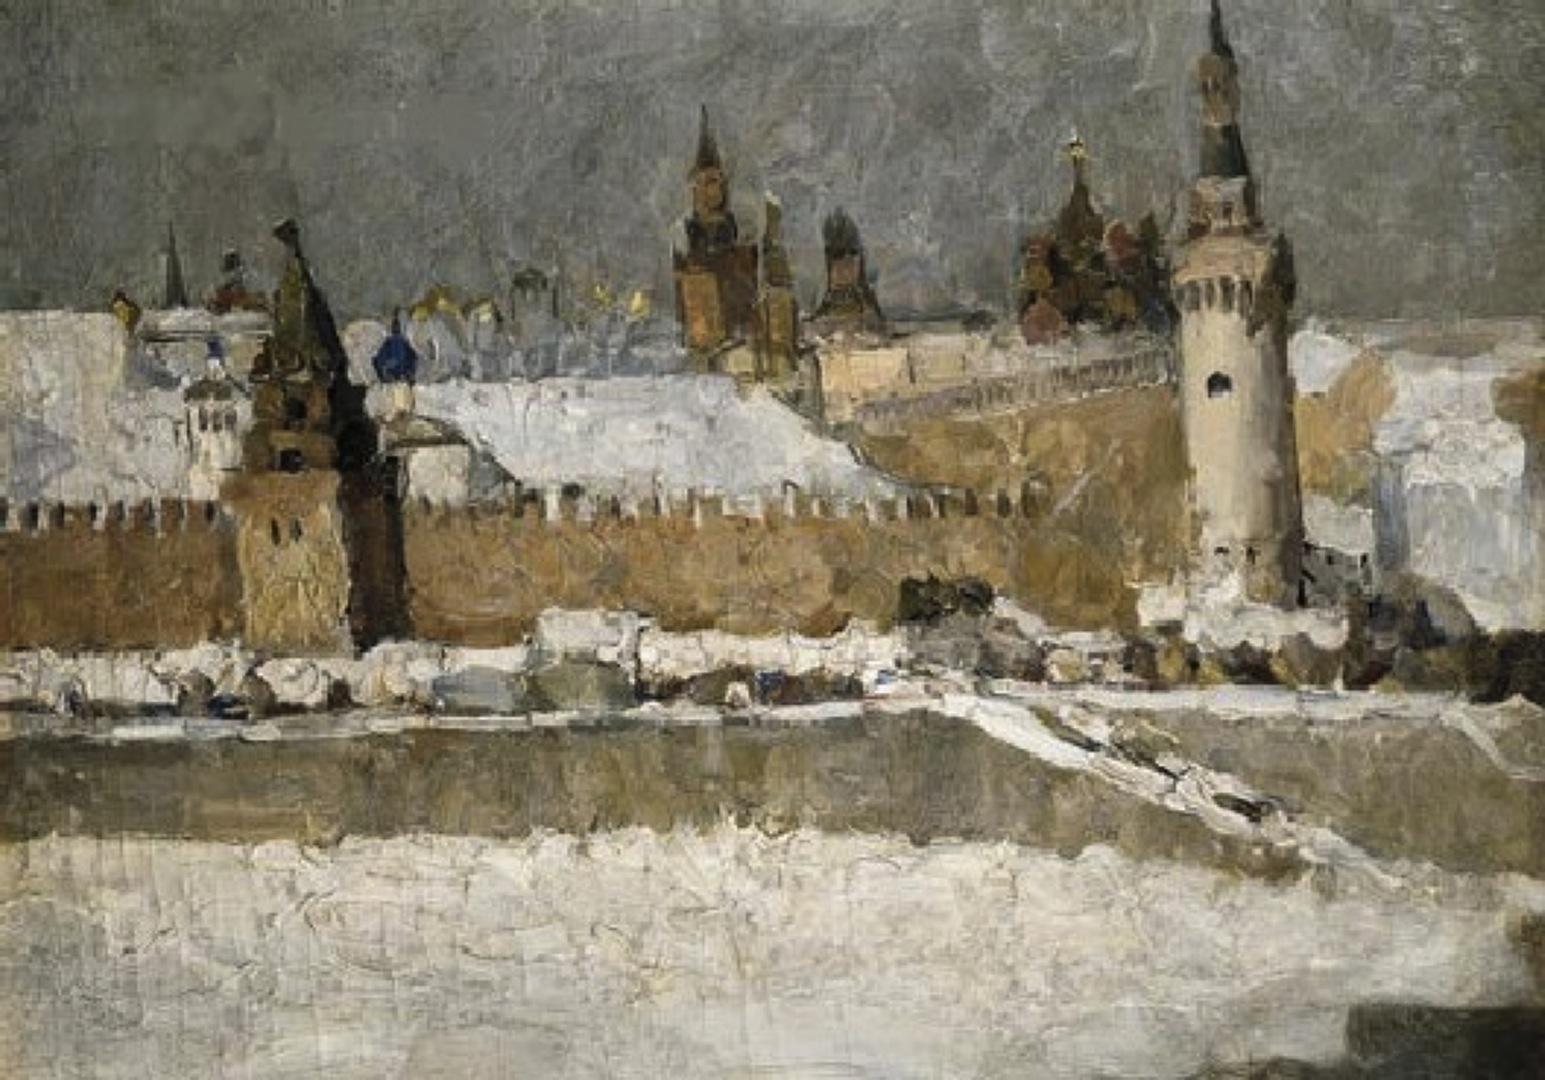 克里姆林宫在冬天_Kremlin in winter-伊利亚·马什科夫